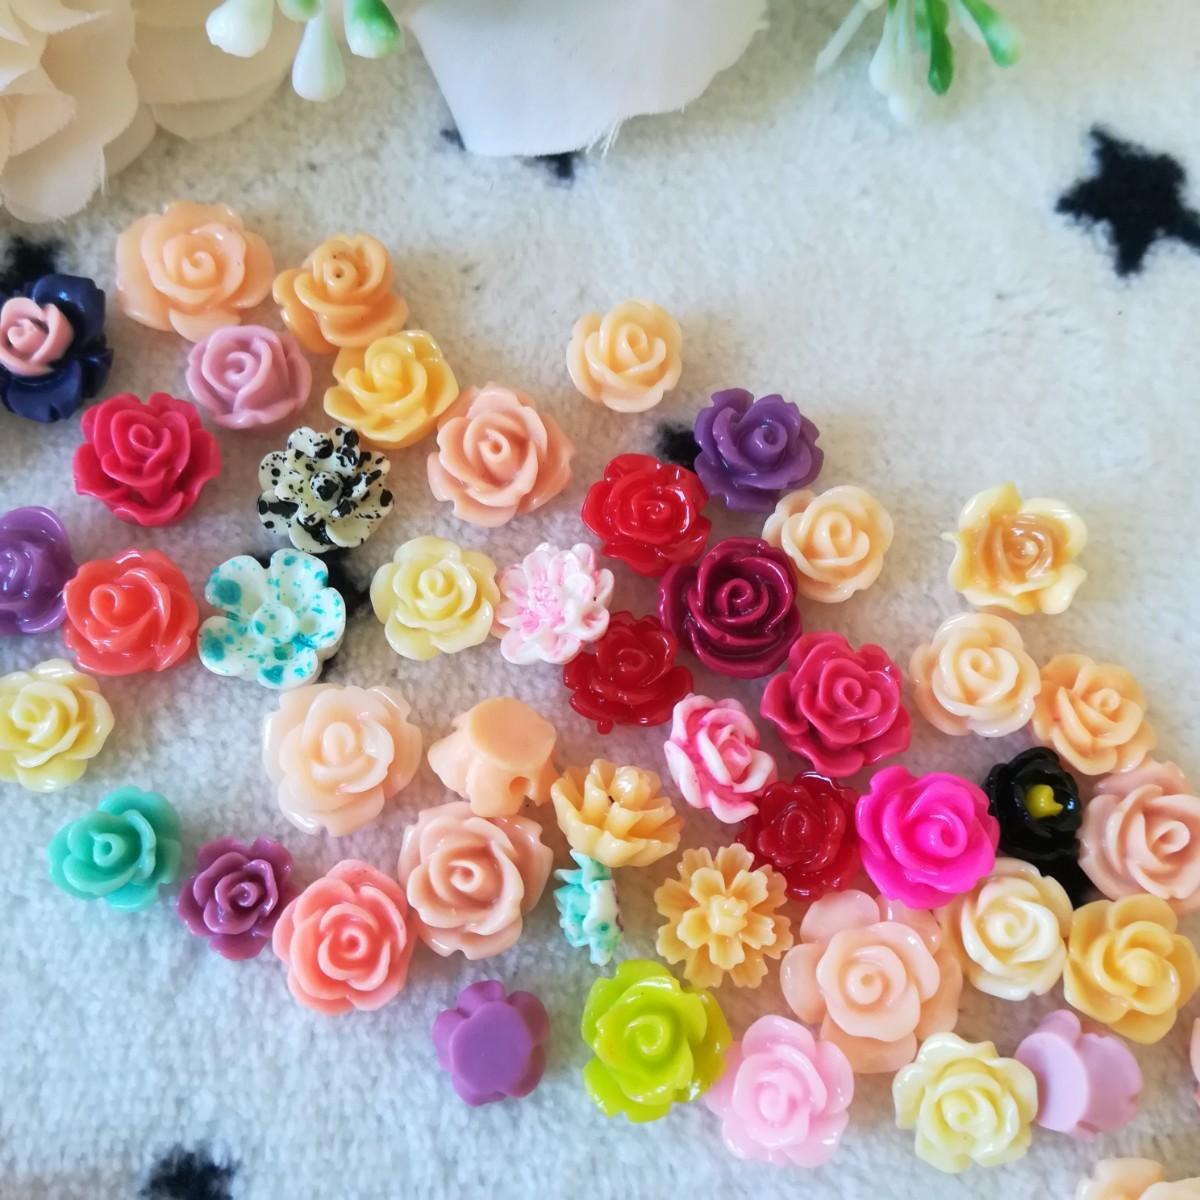 デコパーツ プラパーツ ハンドメイド  材料 手作り パーツ 花 バラ 薔薇 く